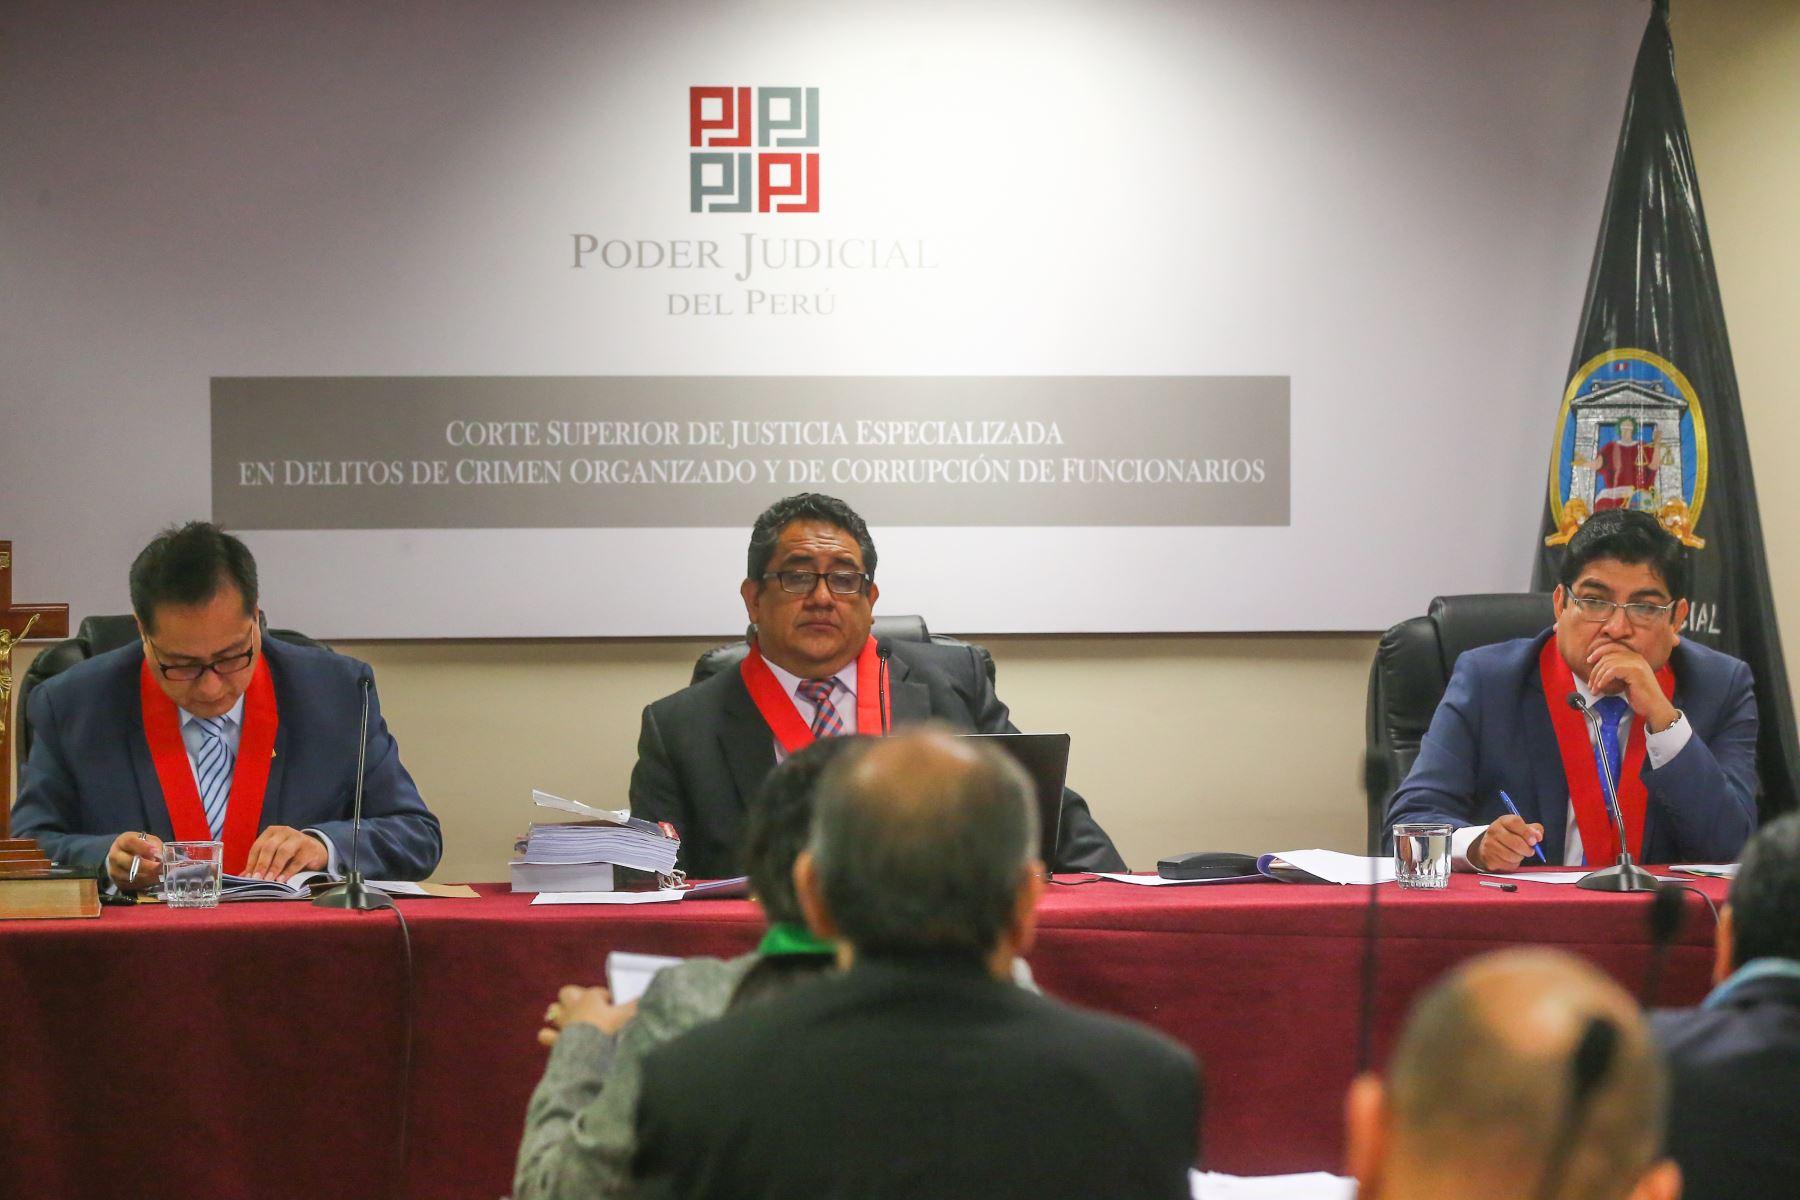 Audiencia de apelación interpuesta por la defensa de Luis Nava contra el auto que declaró fundado el requerimiento de prisión preventiva por el plazo de 36 meses. Foto: ANDINA/ Hector Vinces